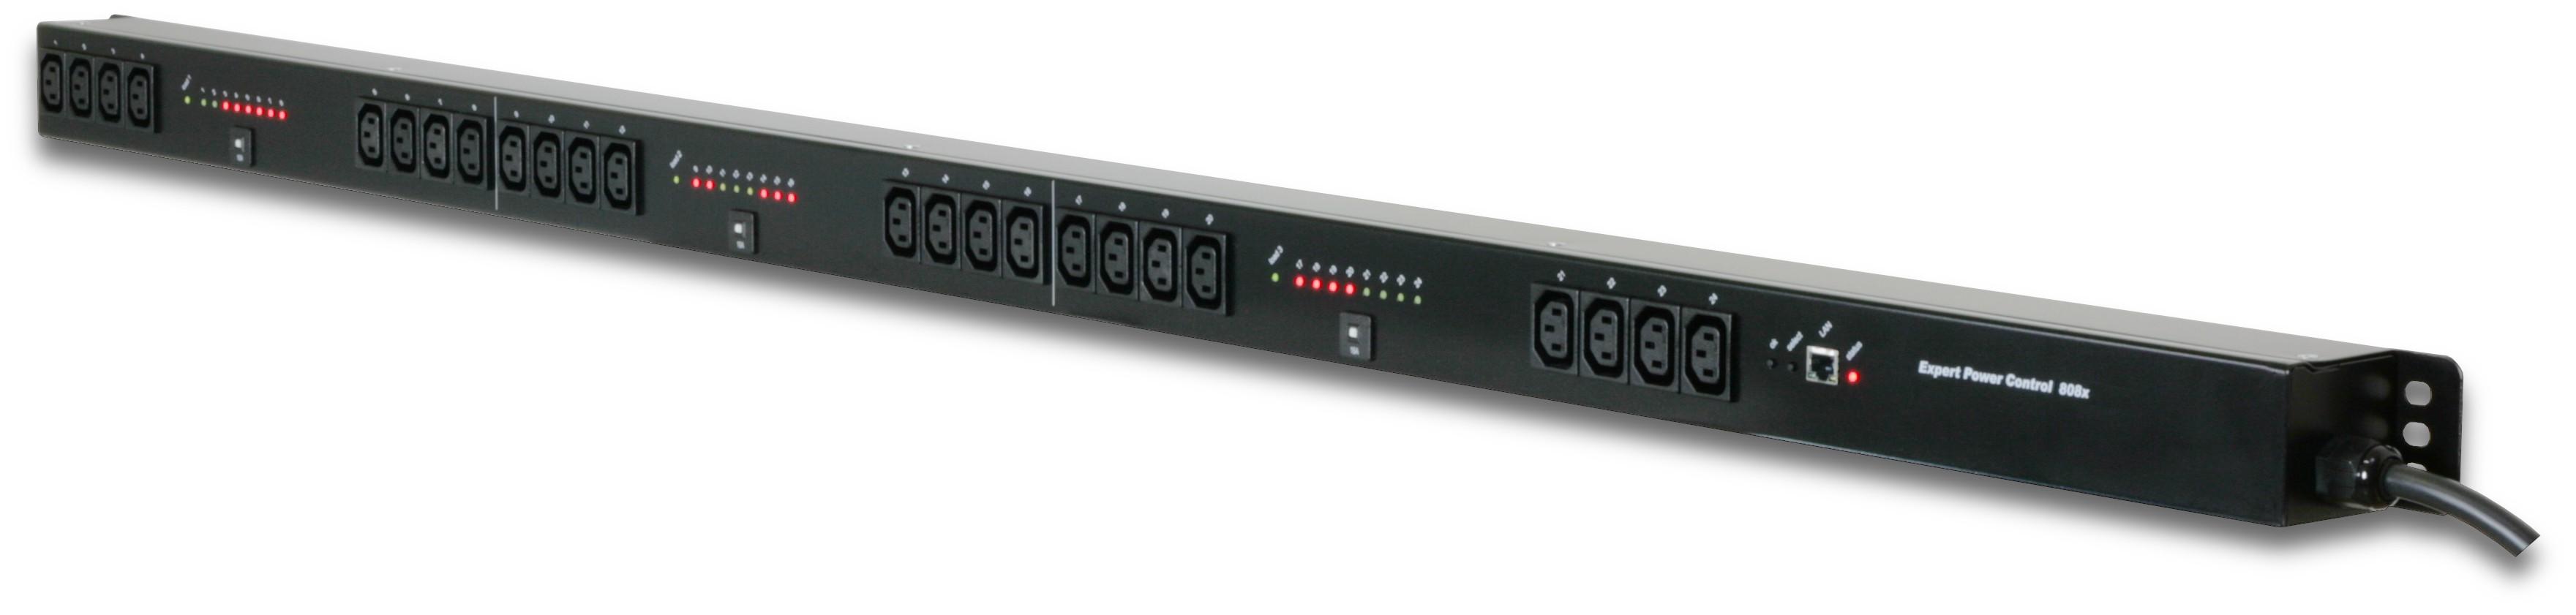 Expert Power Control 8083